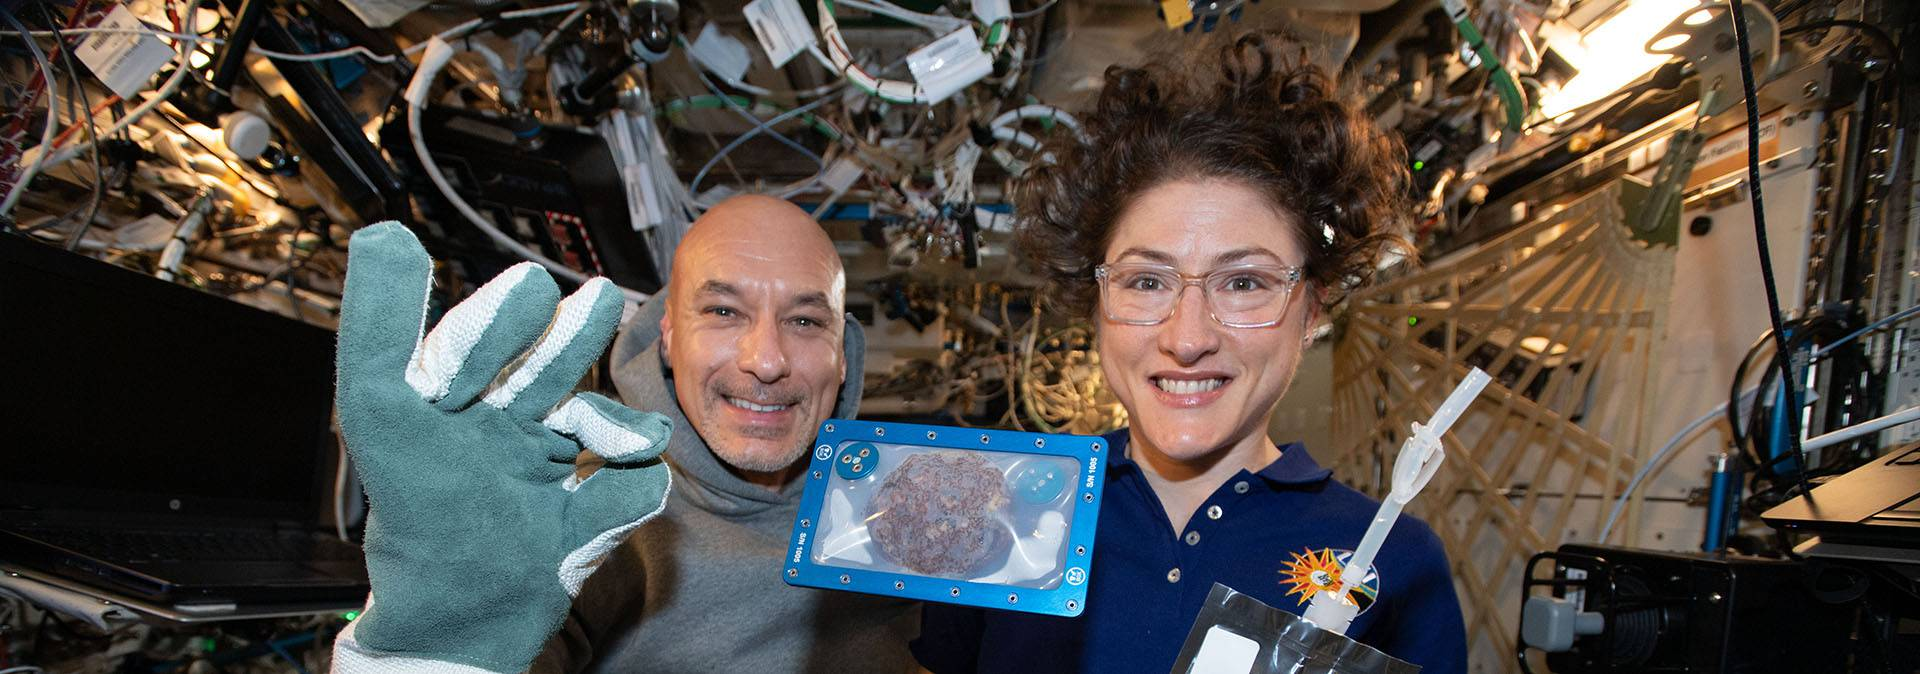 Astronauti u svemiru ispekli kekse, još ih nitko nije probao